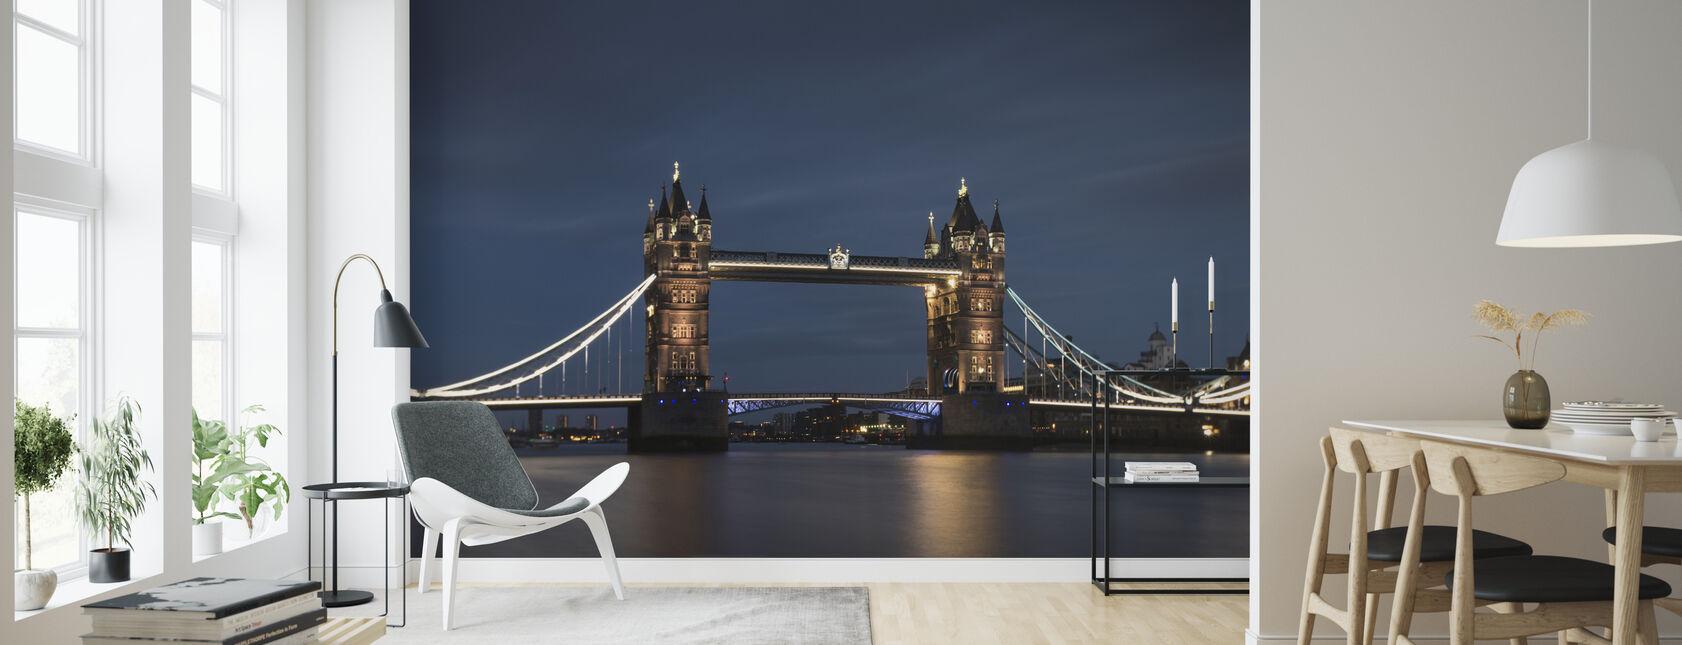 Korkea nousee ja sininen taivas Lontoossa - Tapetti - Olohuone